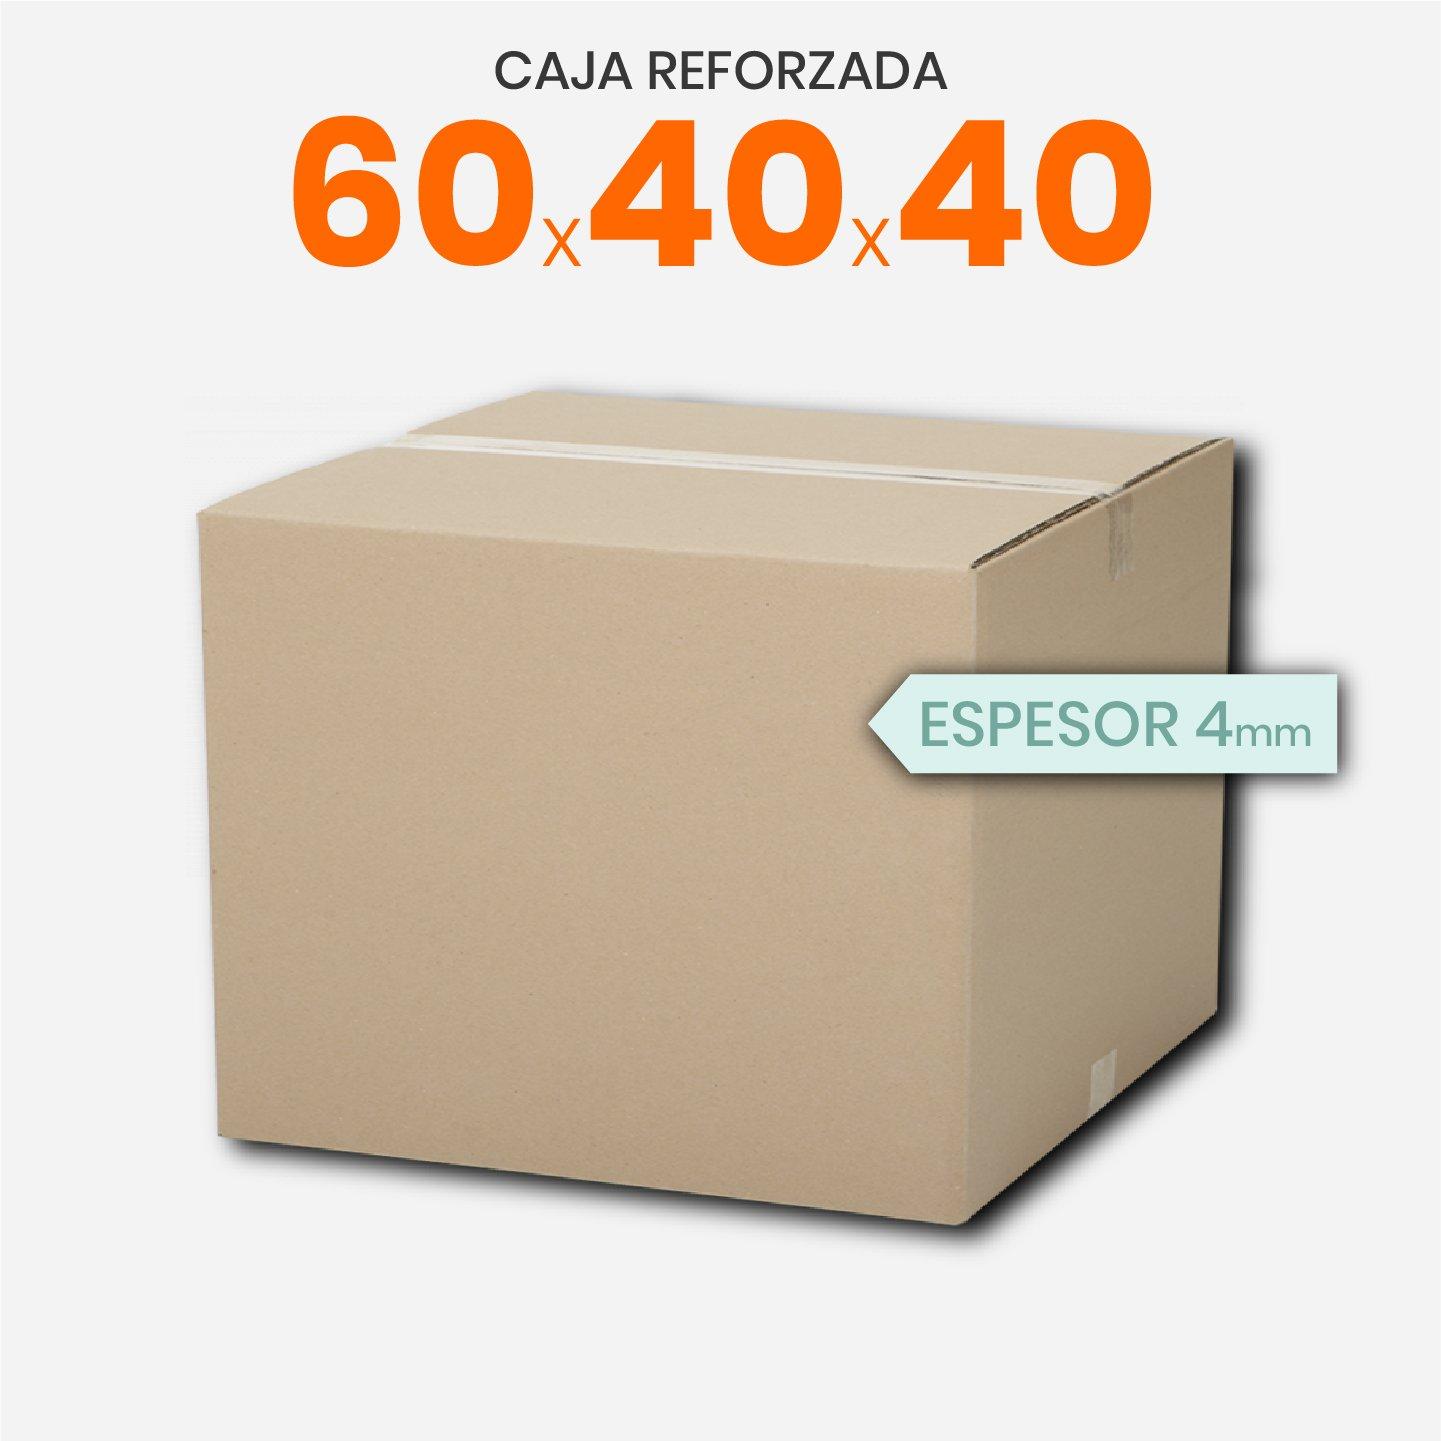 Caja De Cartón Corrugado Reforzada 60x40x40